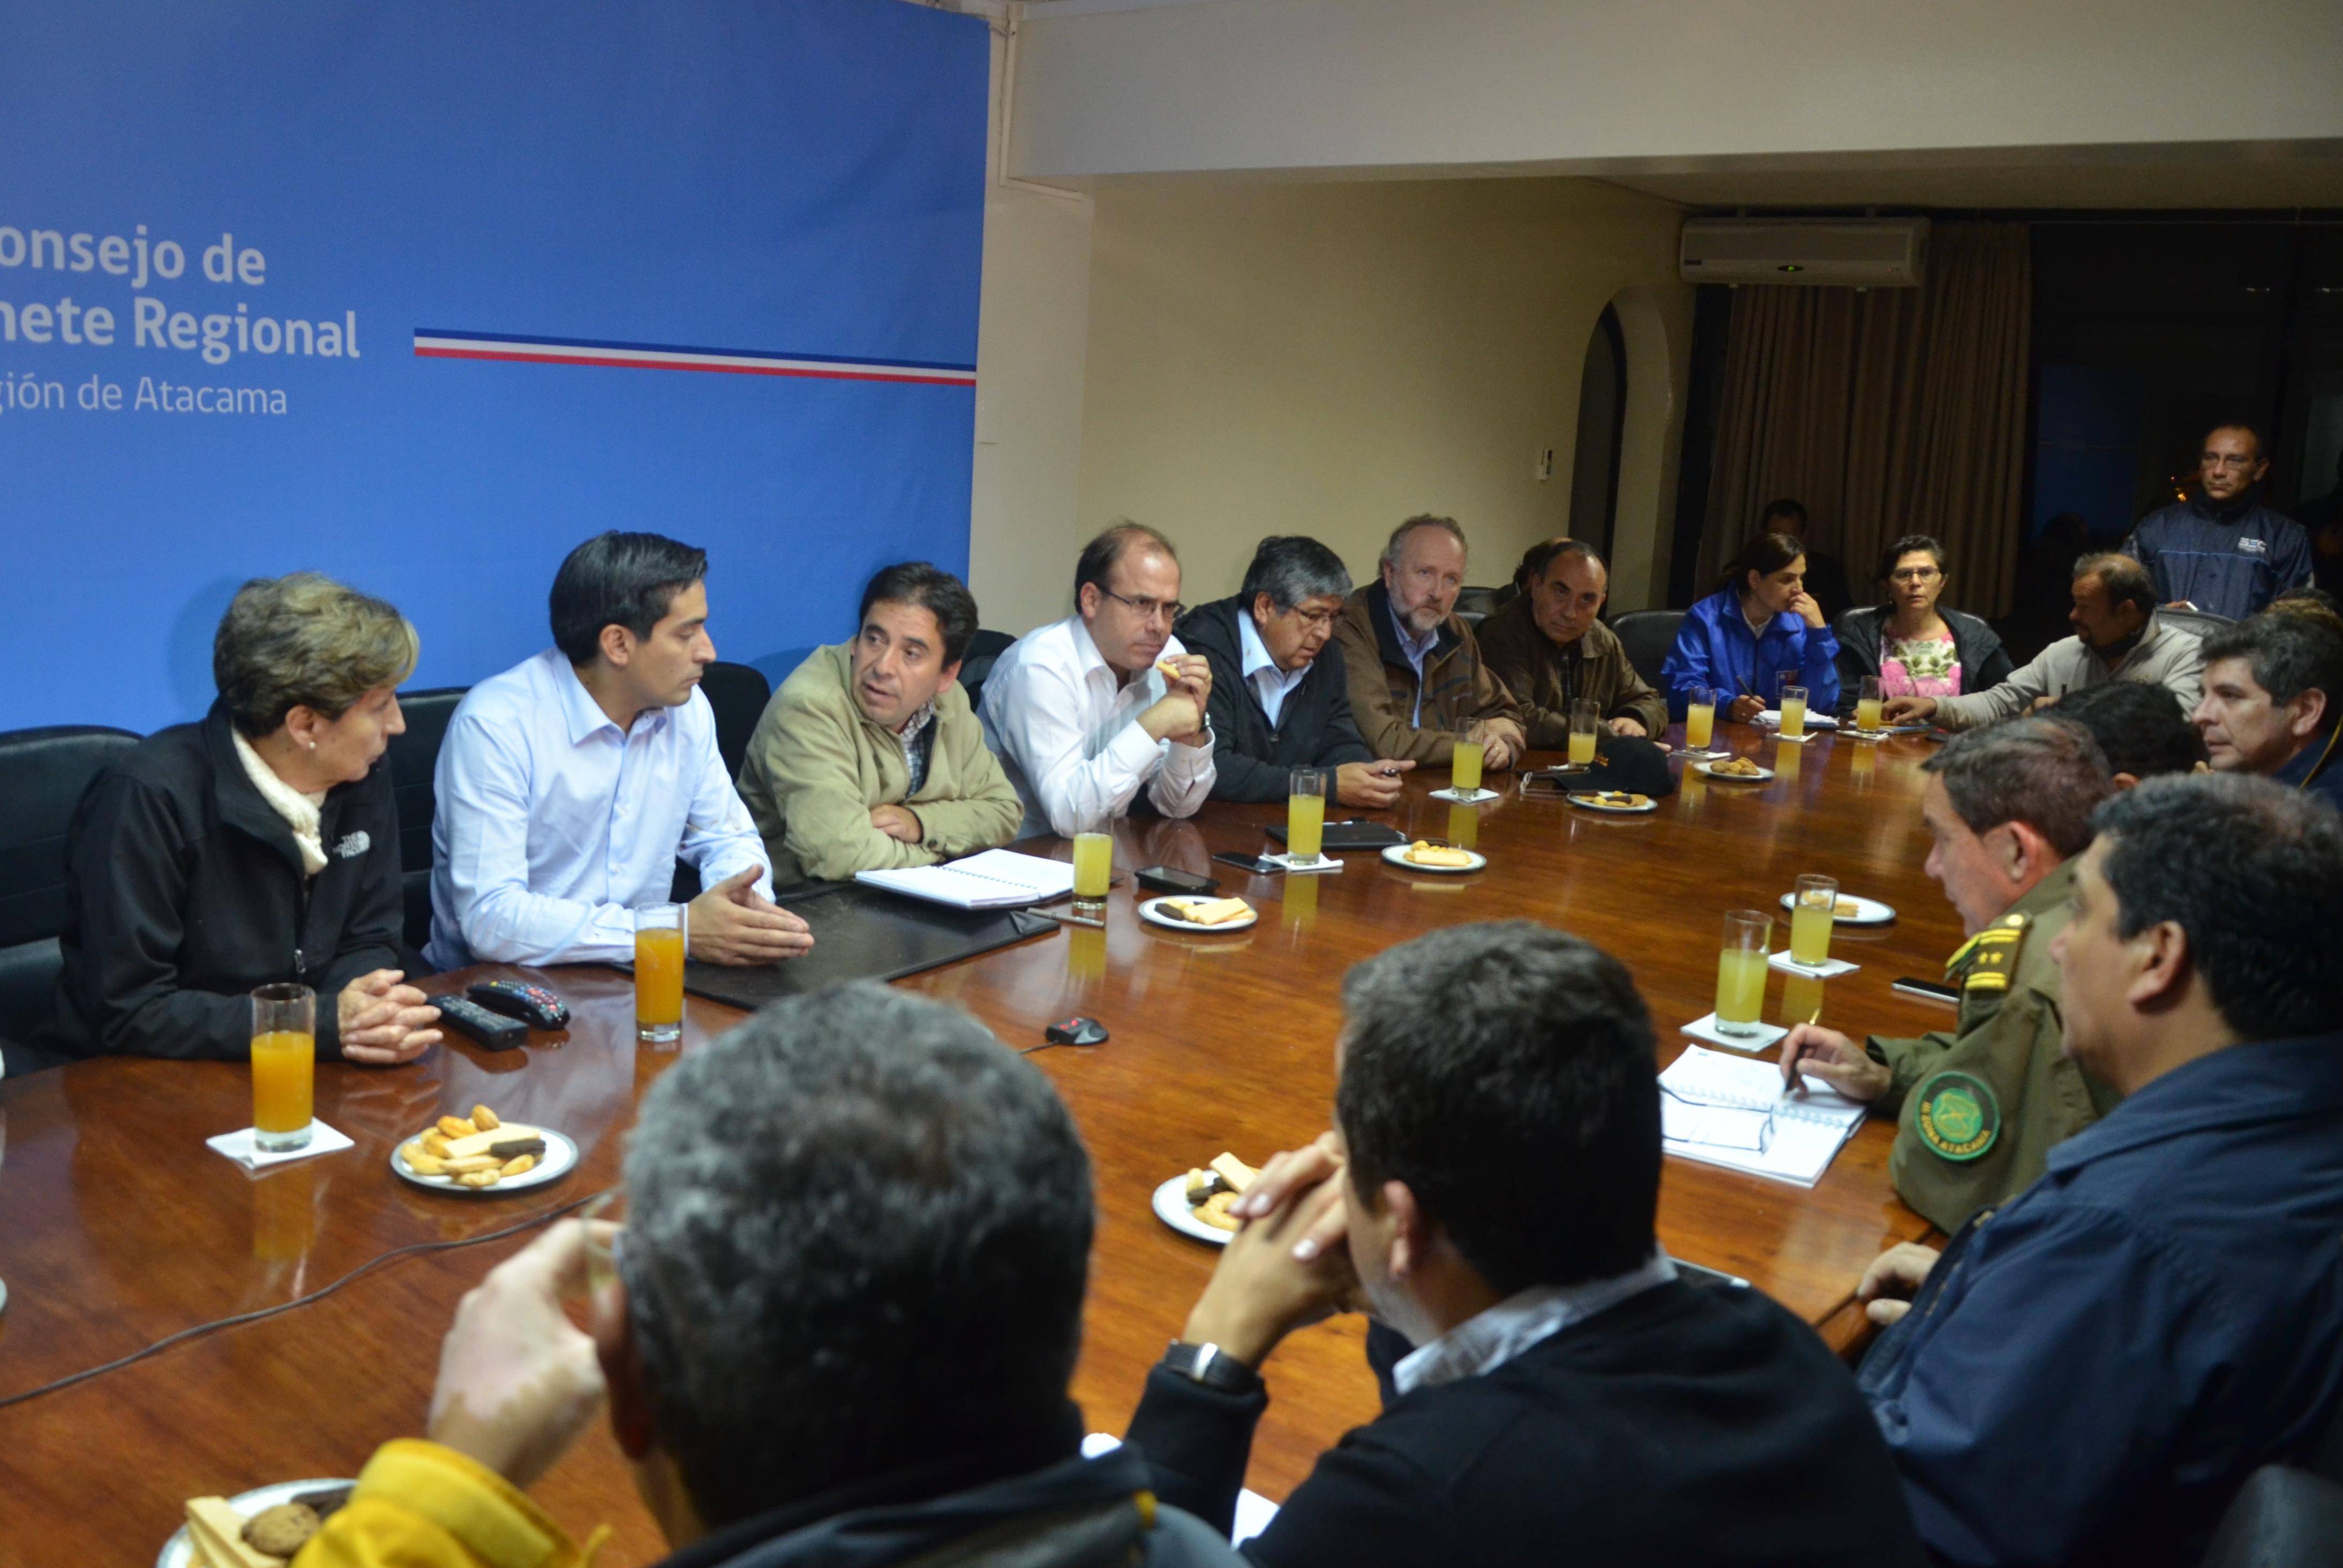 Ministro del Interior anuncia Plan del Gobierno para enfrentar catástrofe en Atacama